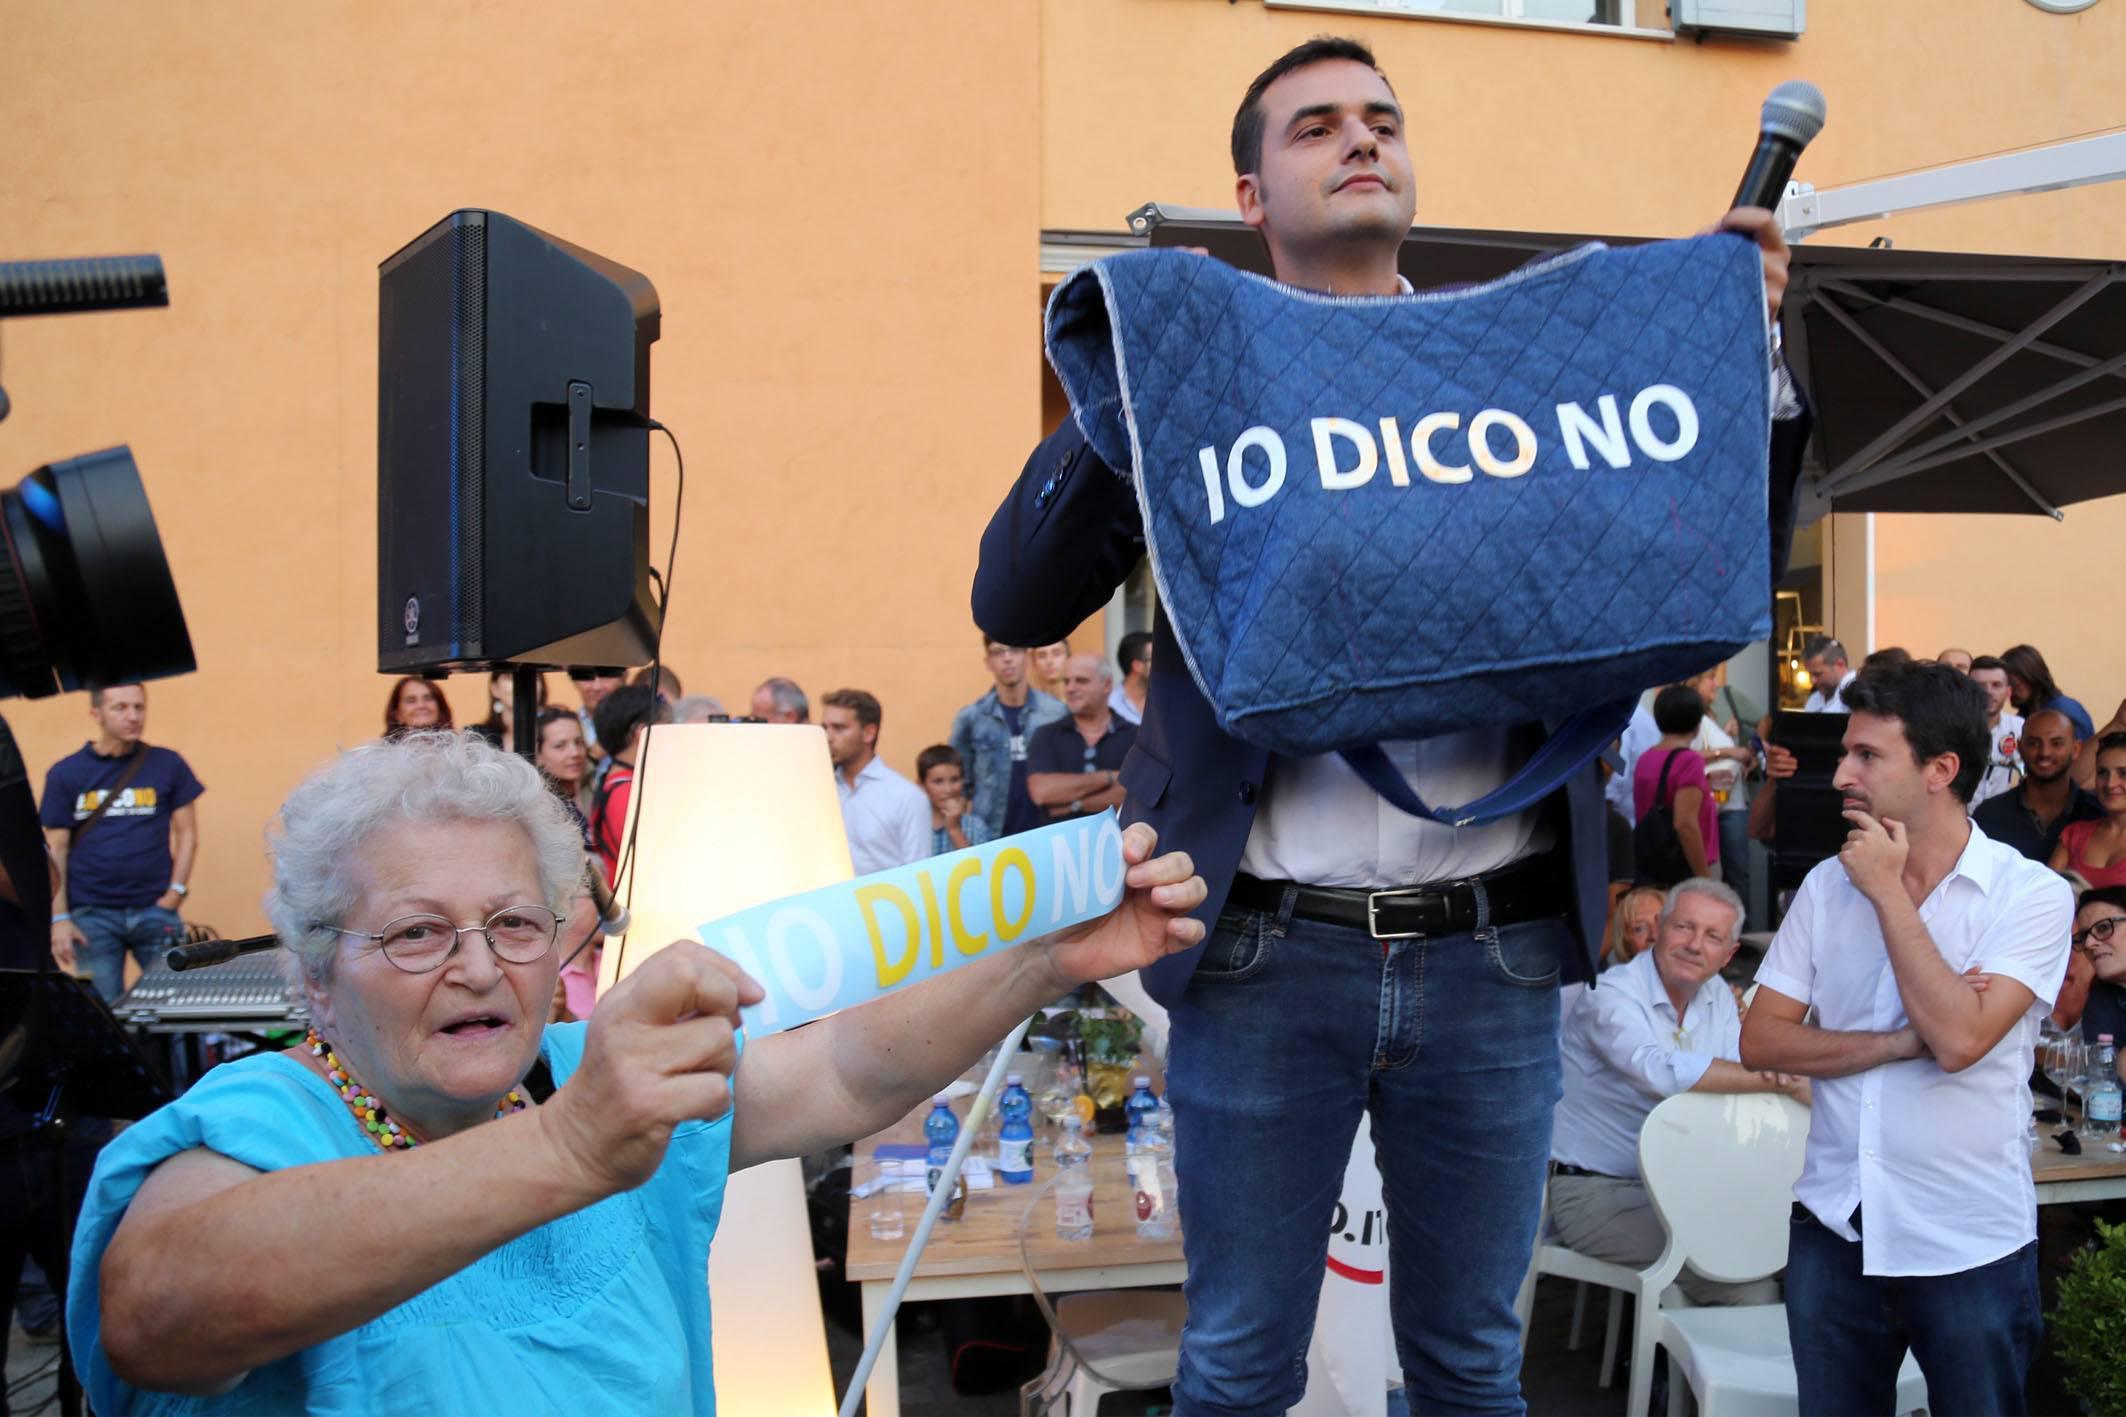 """L'onorevole Sibilia e la crisi monetaria che non c'è: """"Moneta non è aria, non manca"""""""